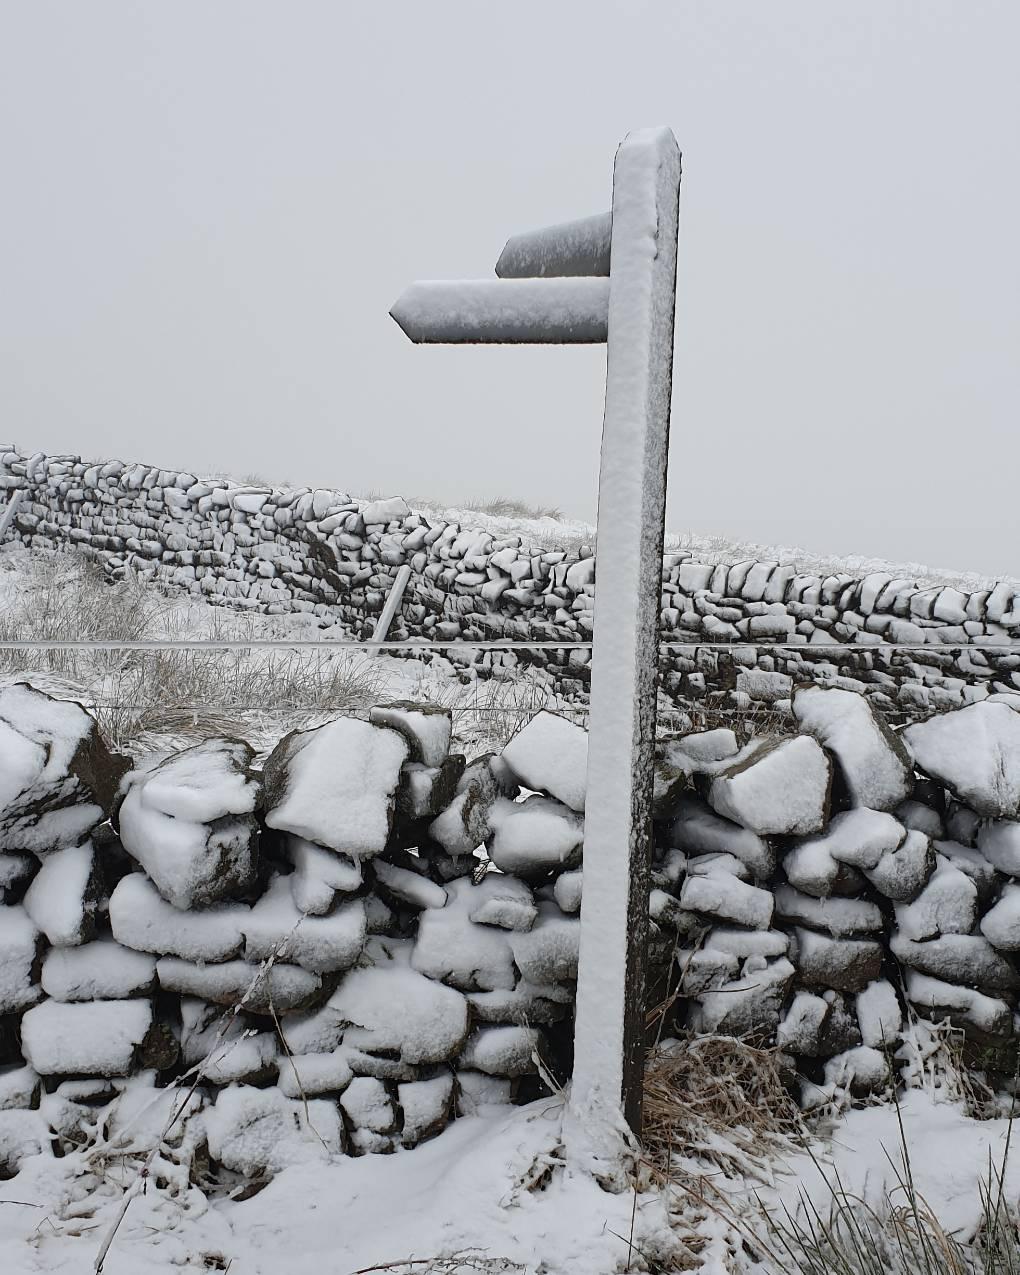 Snow Hallbankgate, Cumbria,United Kingdom, sent by Cumbrian Snowman